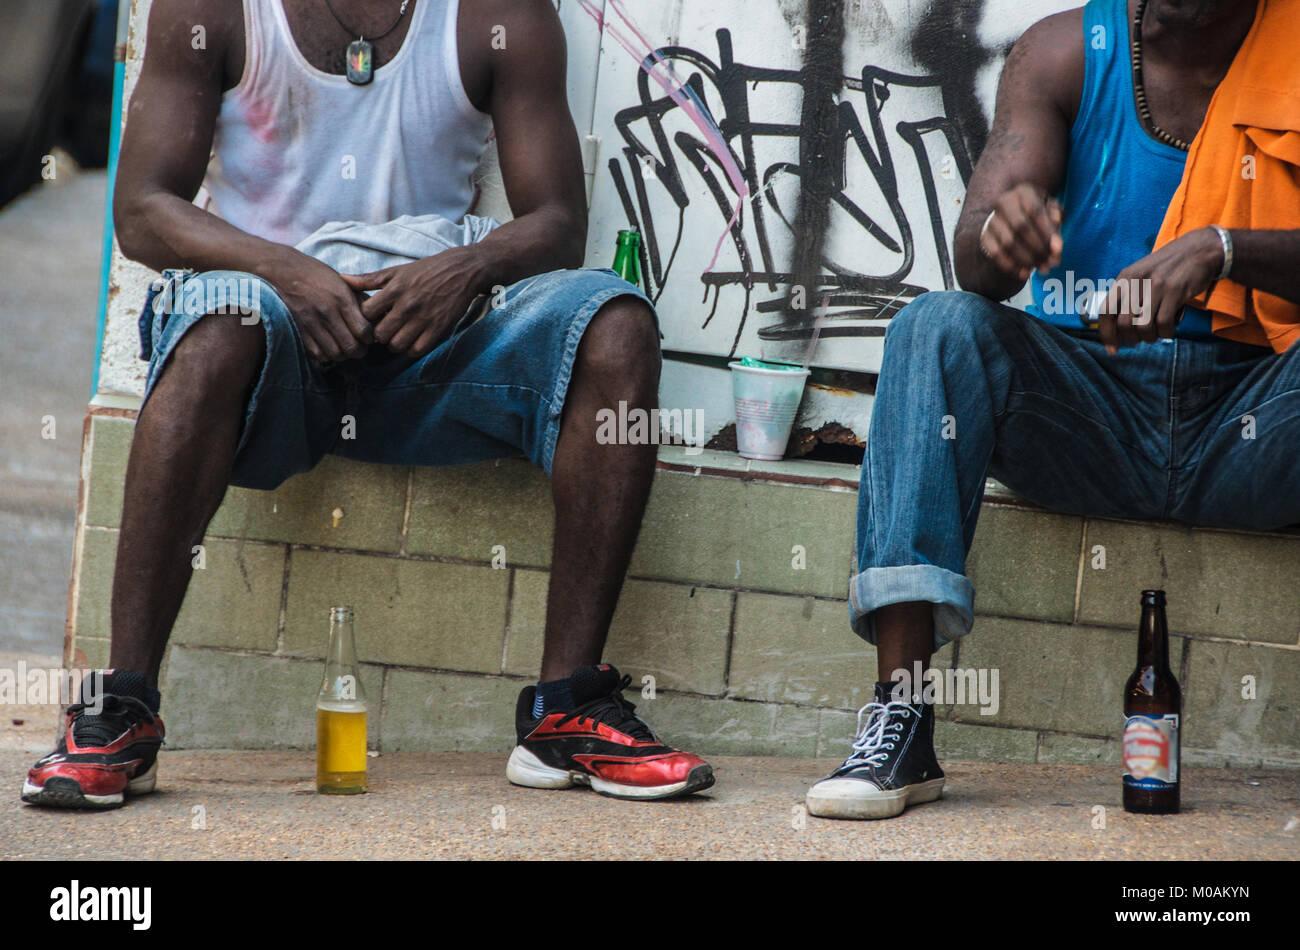 Two Men Talking LIfe - Stock Image